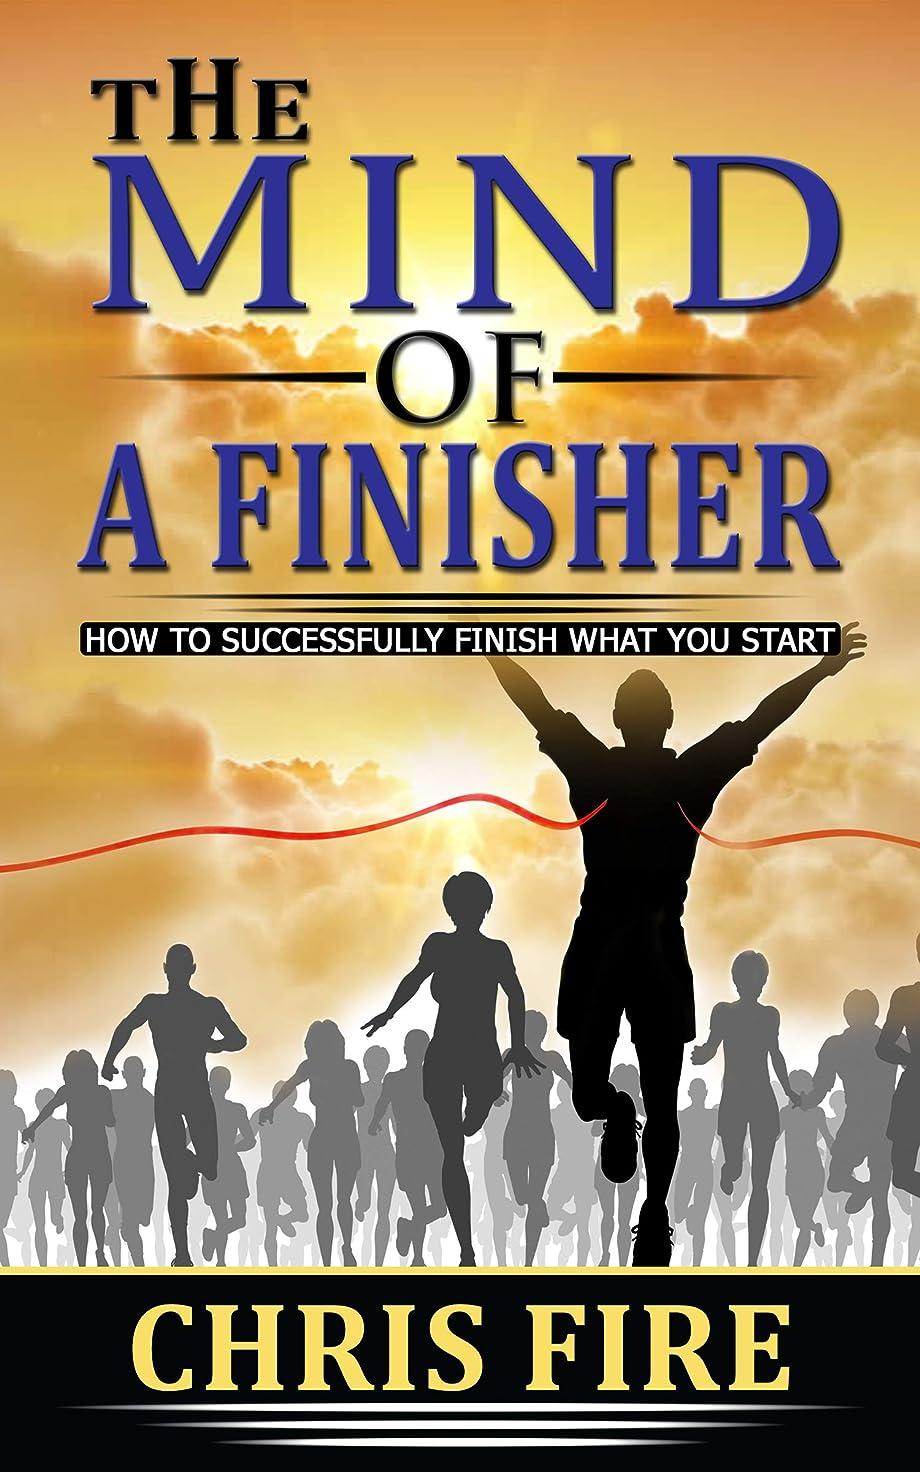 圧縮雨の自治的The Mind Of A Finisher: How to finish what you started (English Edition)